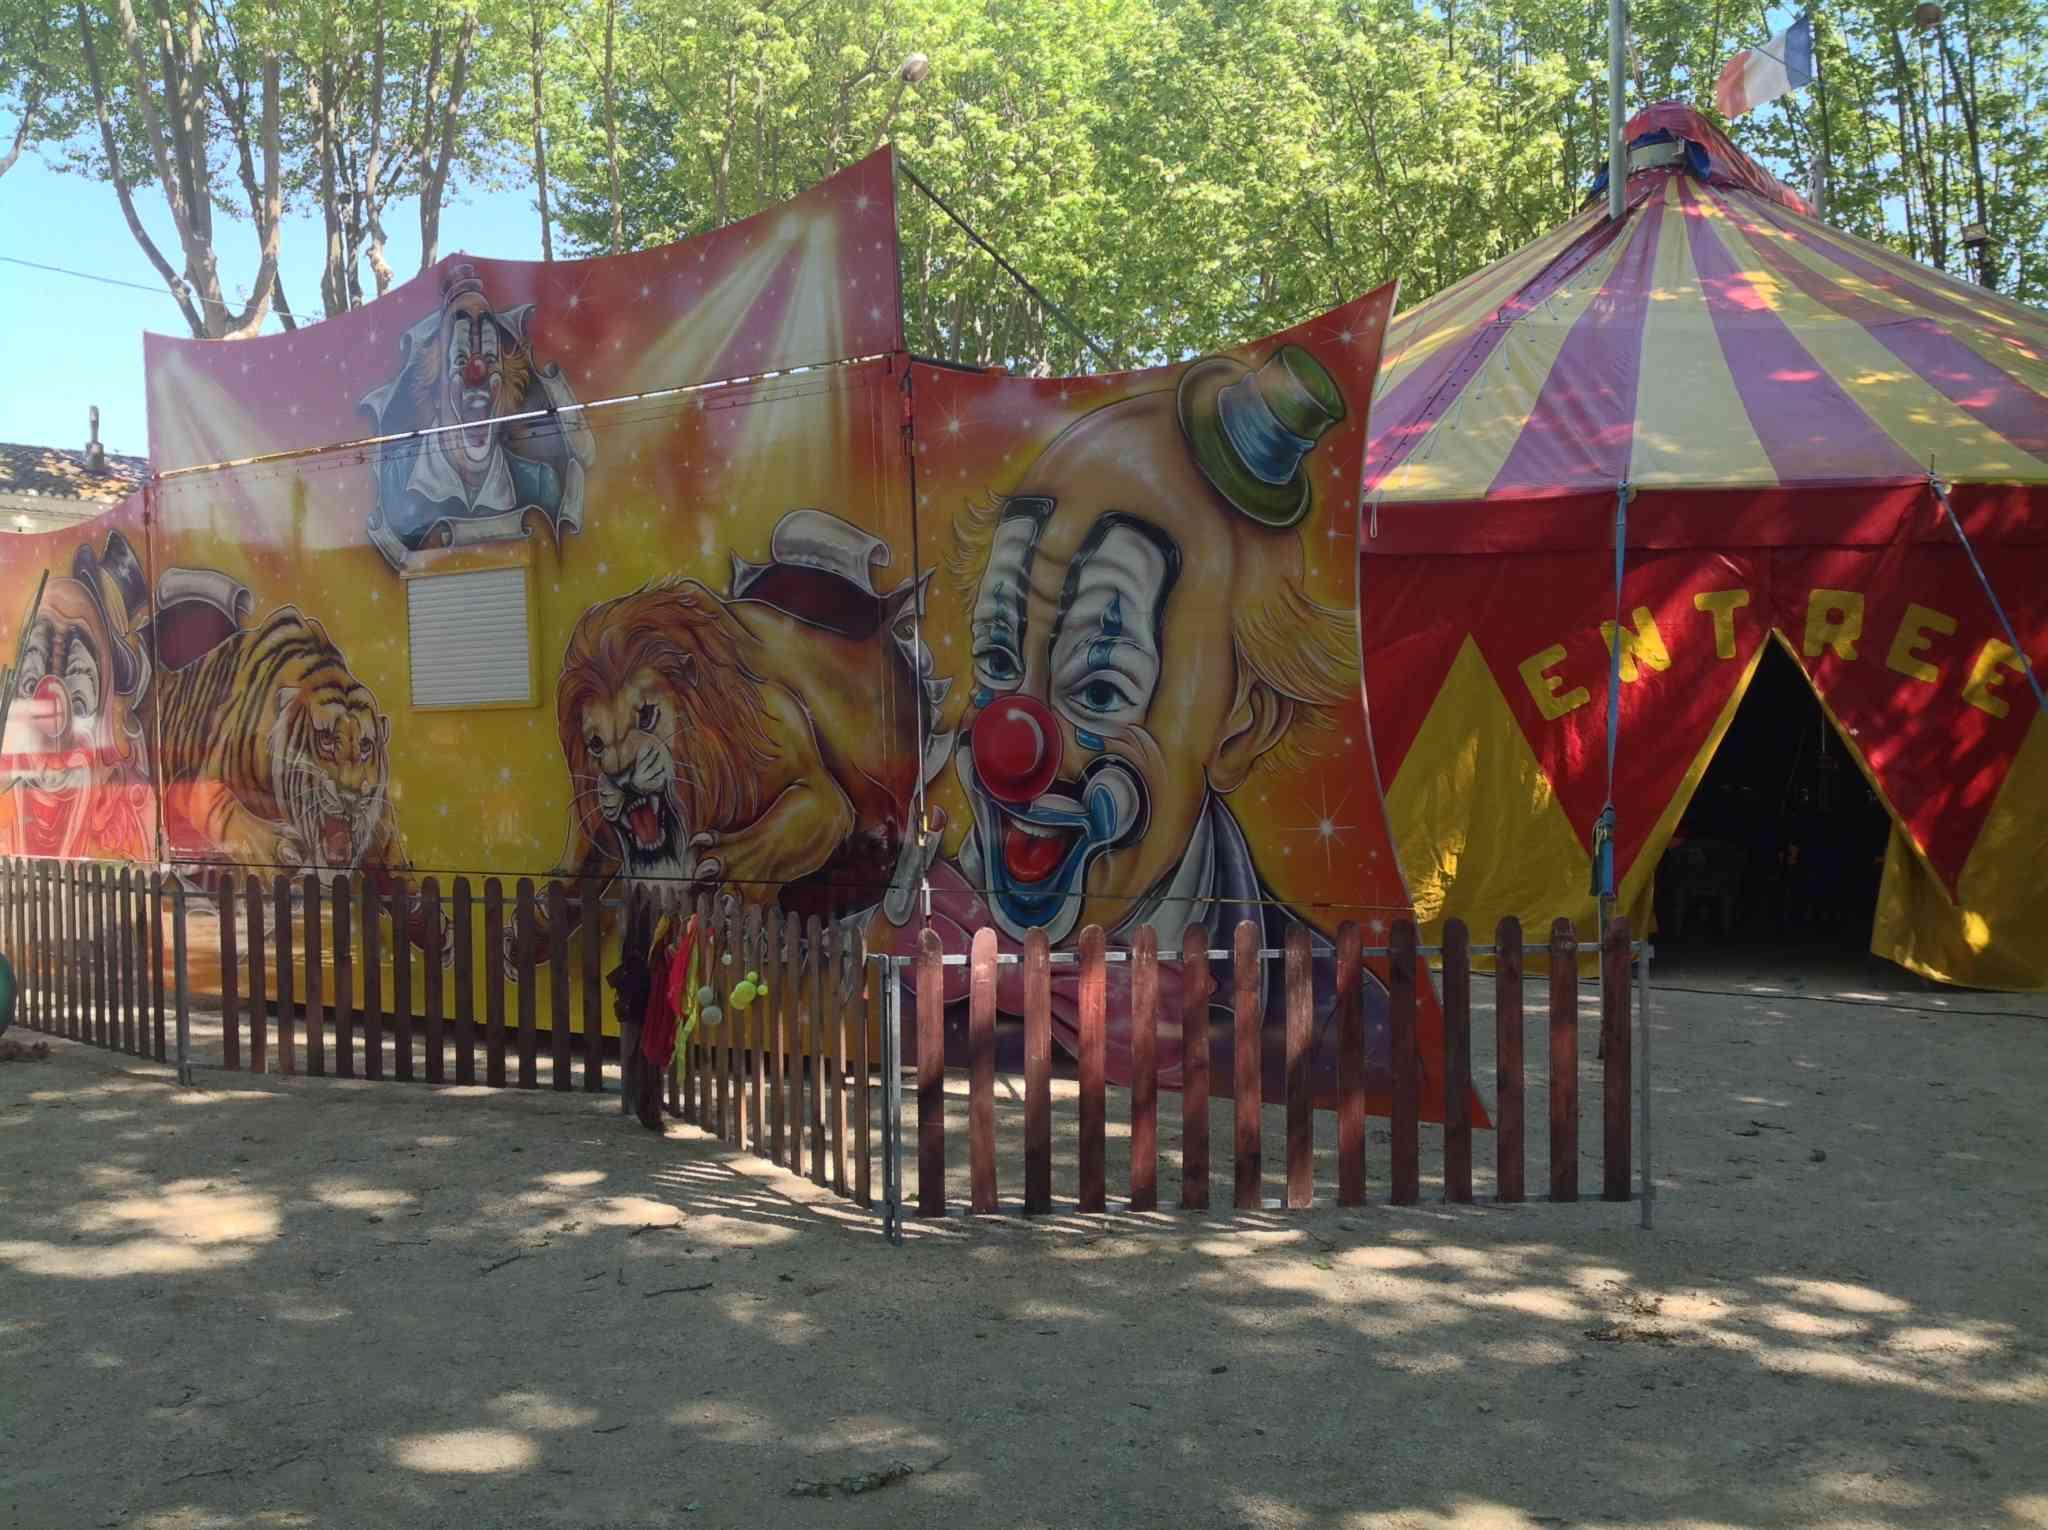 Un petit cirque exprès pour votre après midi ludique.